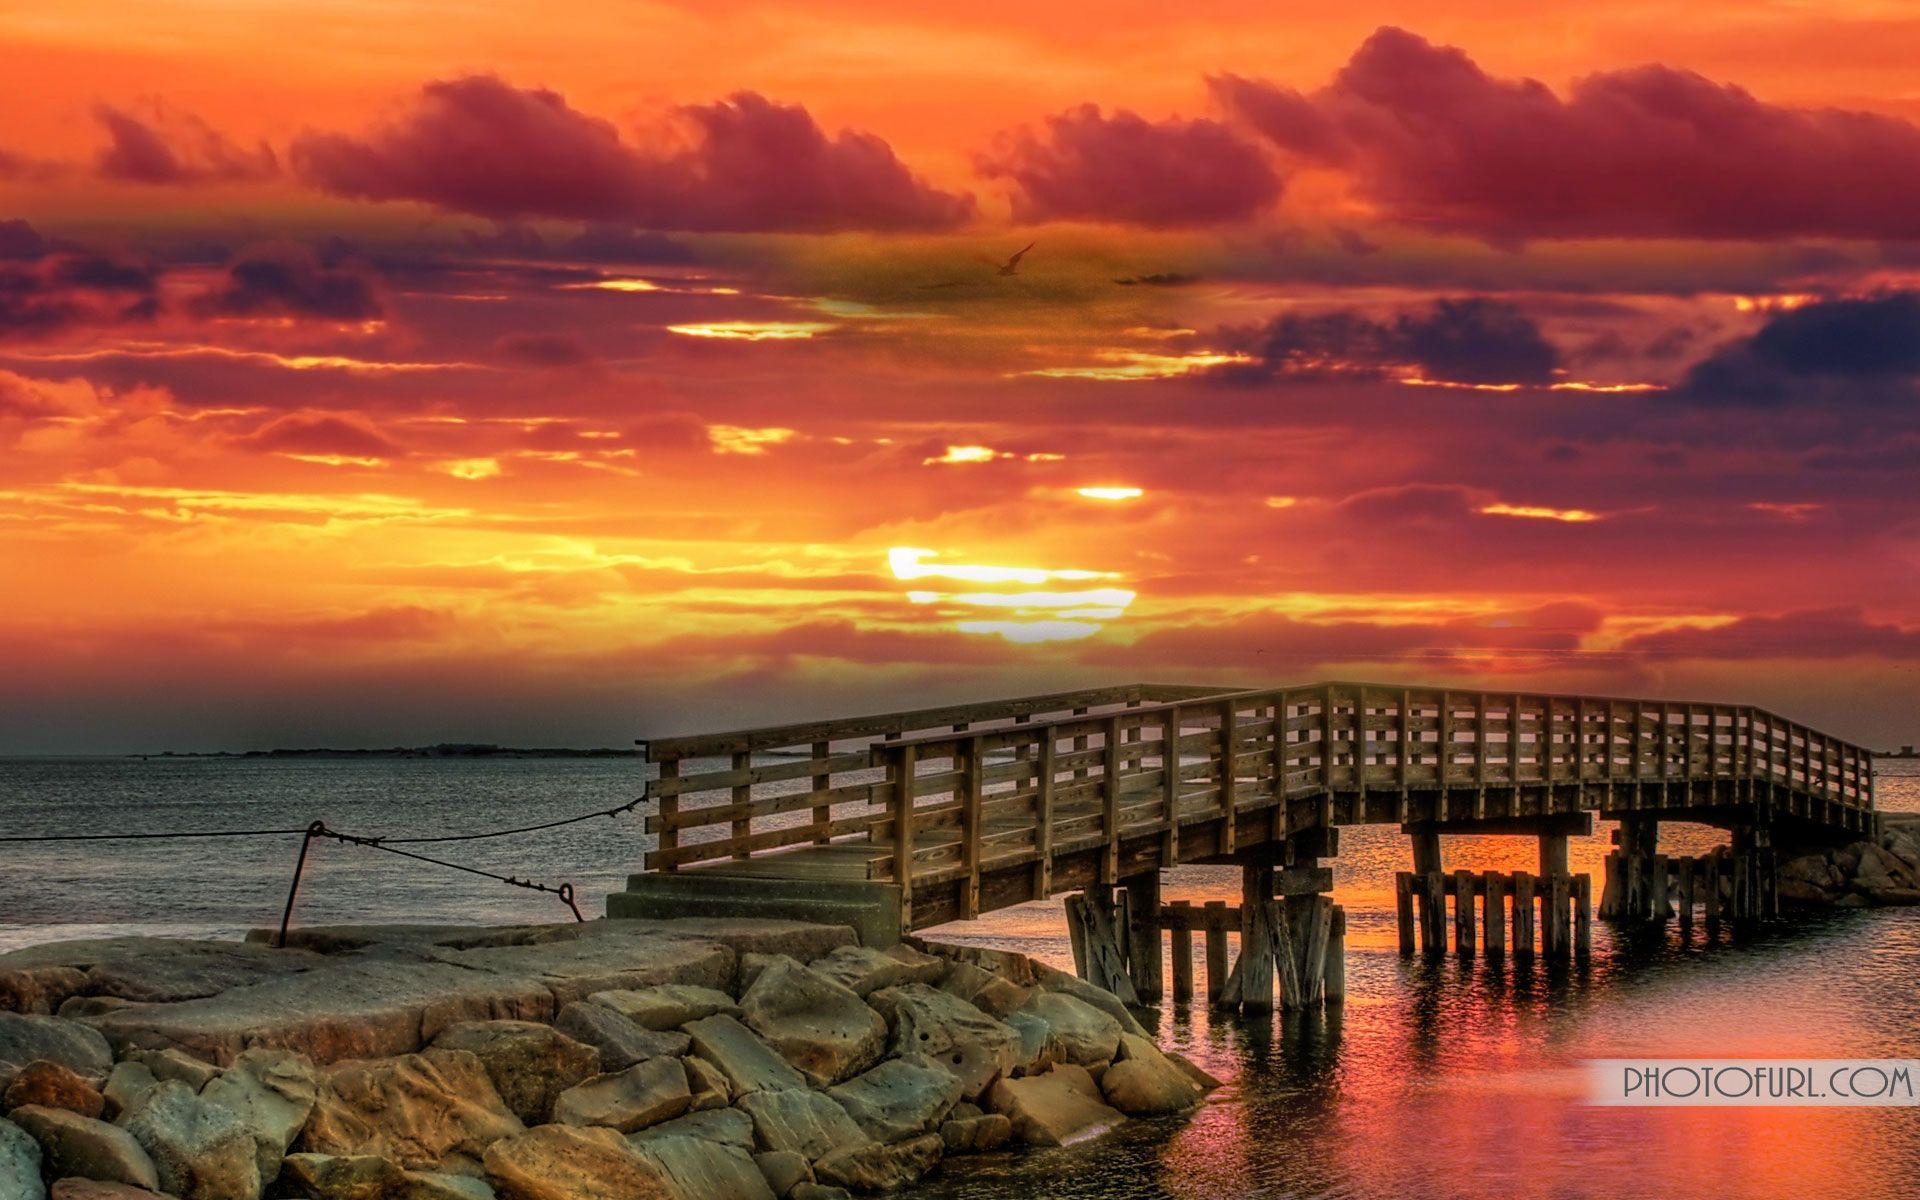 beautiful bridge at dusk | scenery | pinterest | mountain sunset